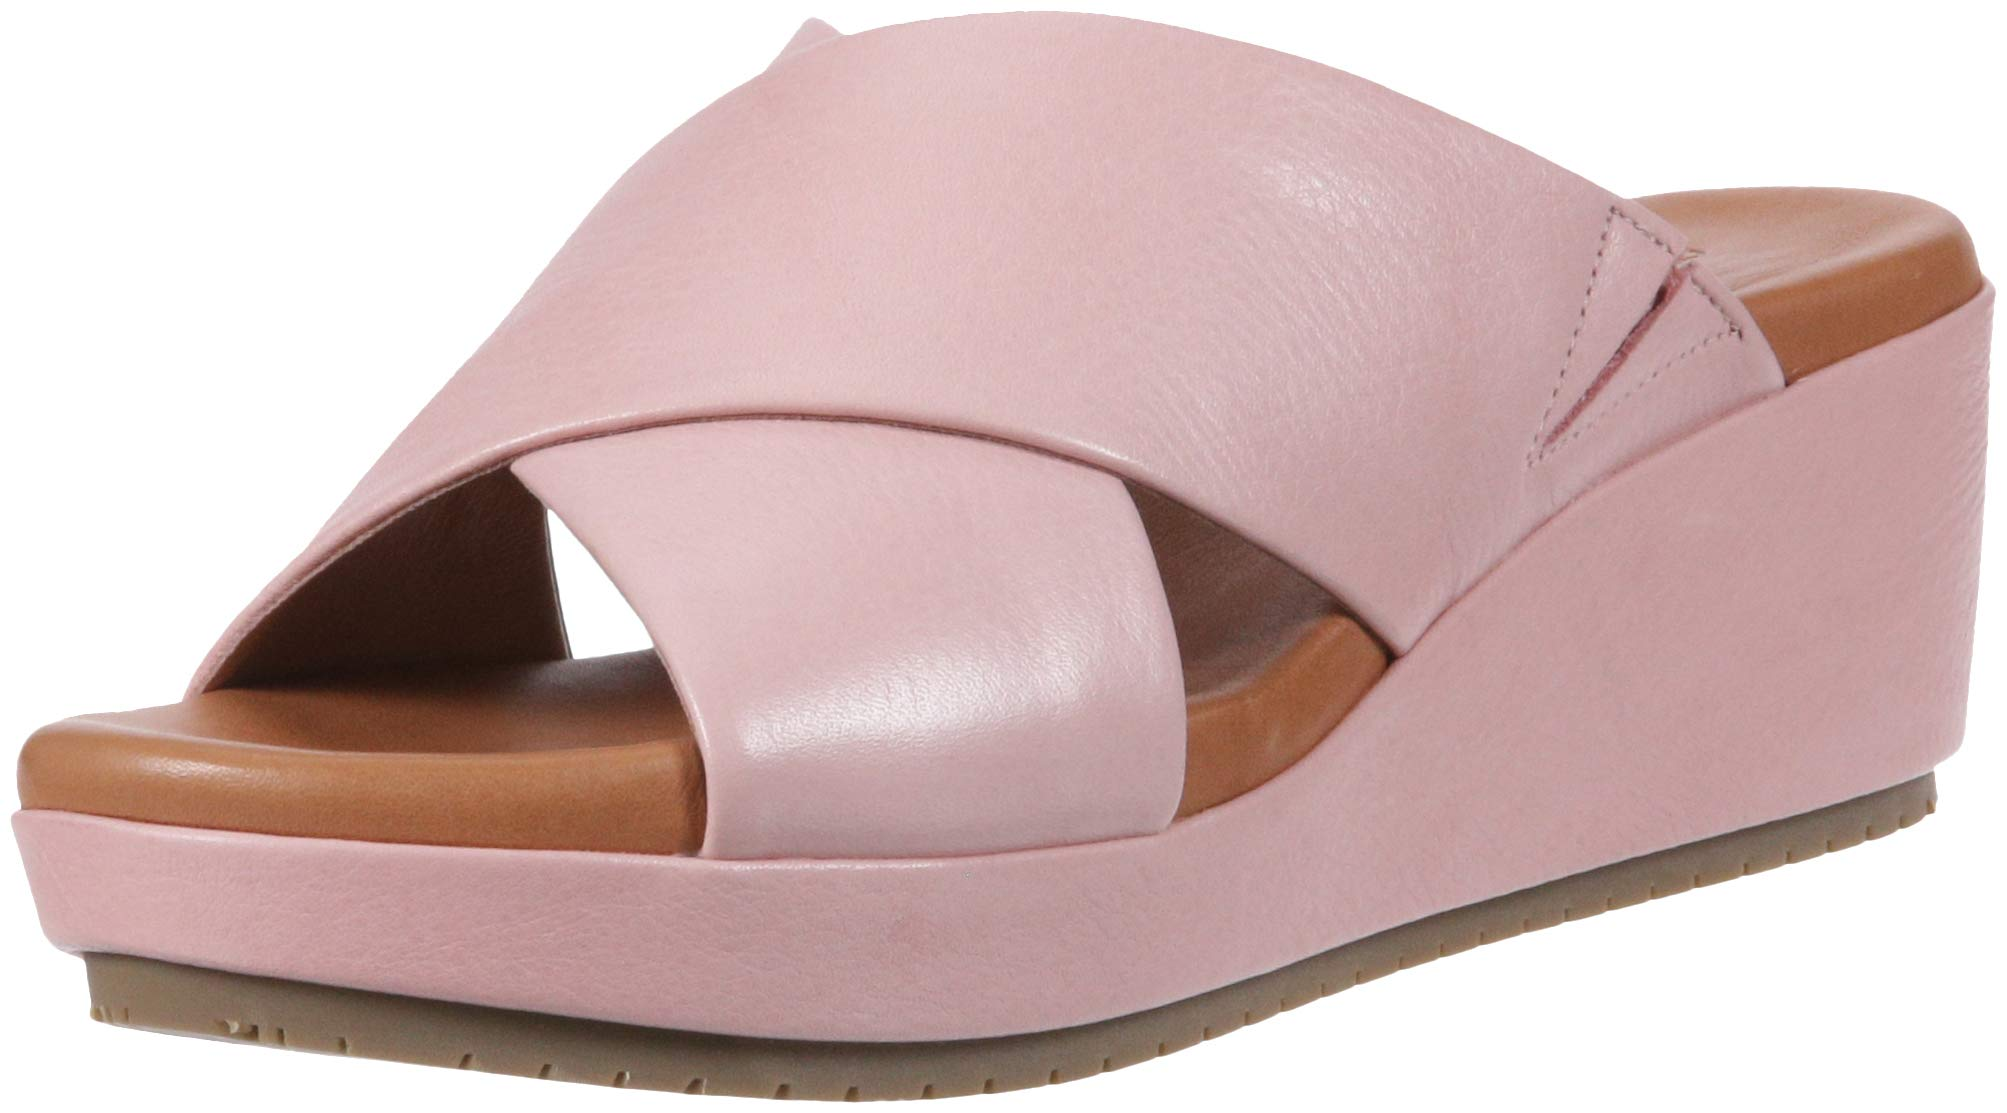 Gentle Souls by Kenneth Cole Women's Mikenzie Platform X-Band Slide Sandal Sandal, rose, 7 M US